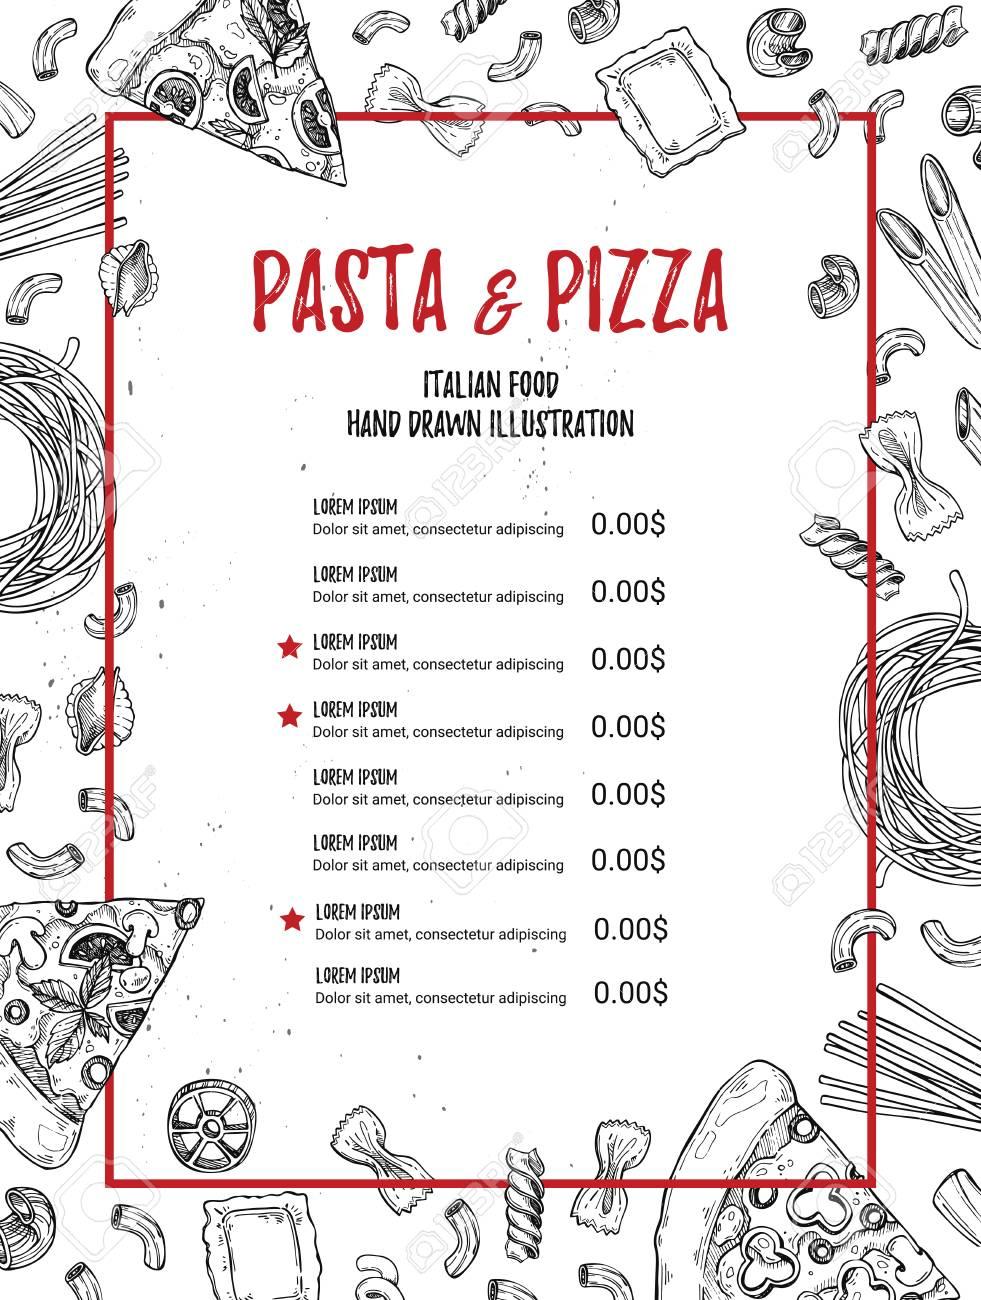 手描きイラスト イタリアン メニューパスタとピザレストラン